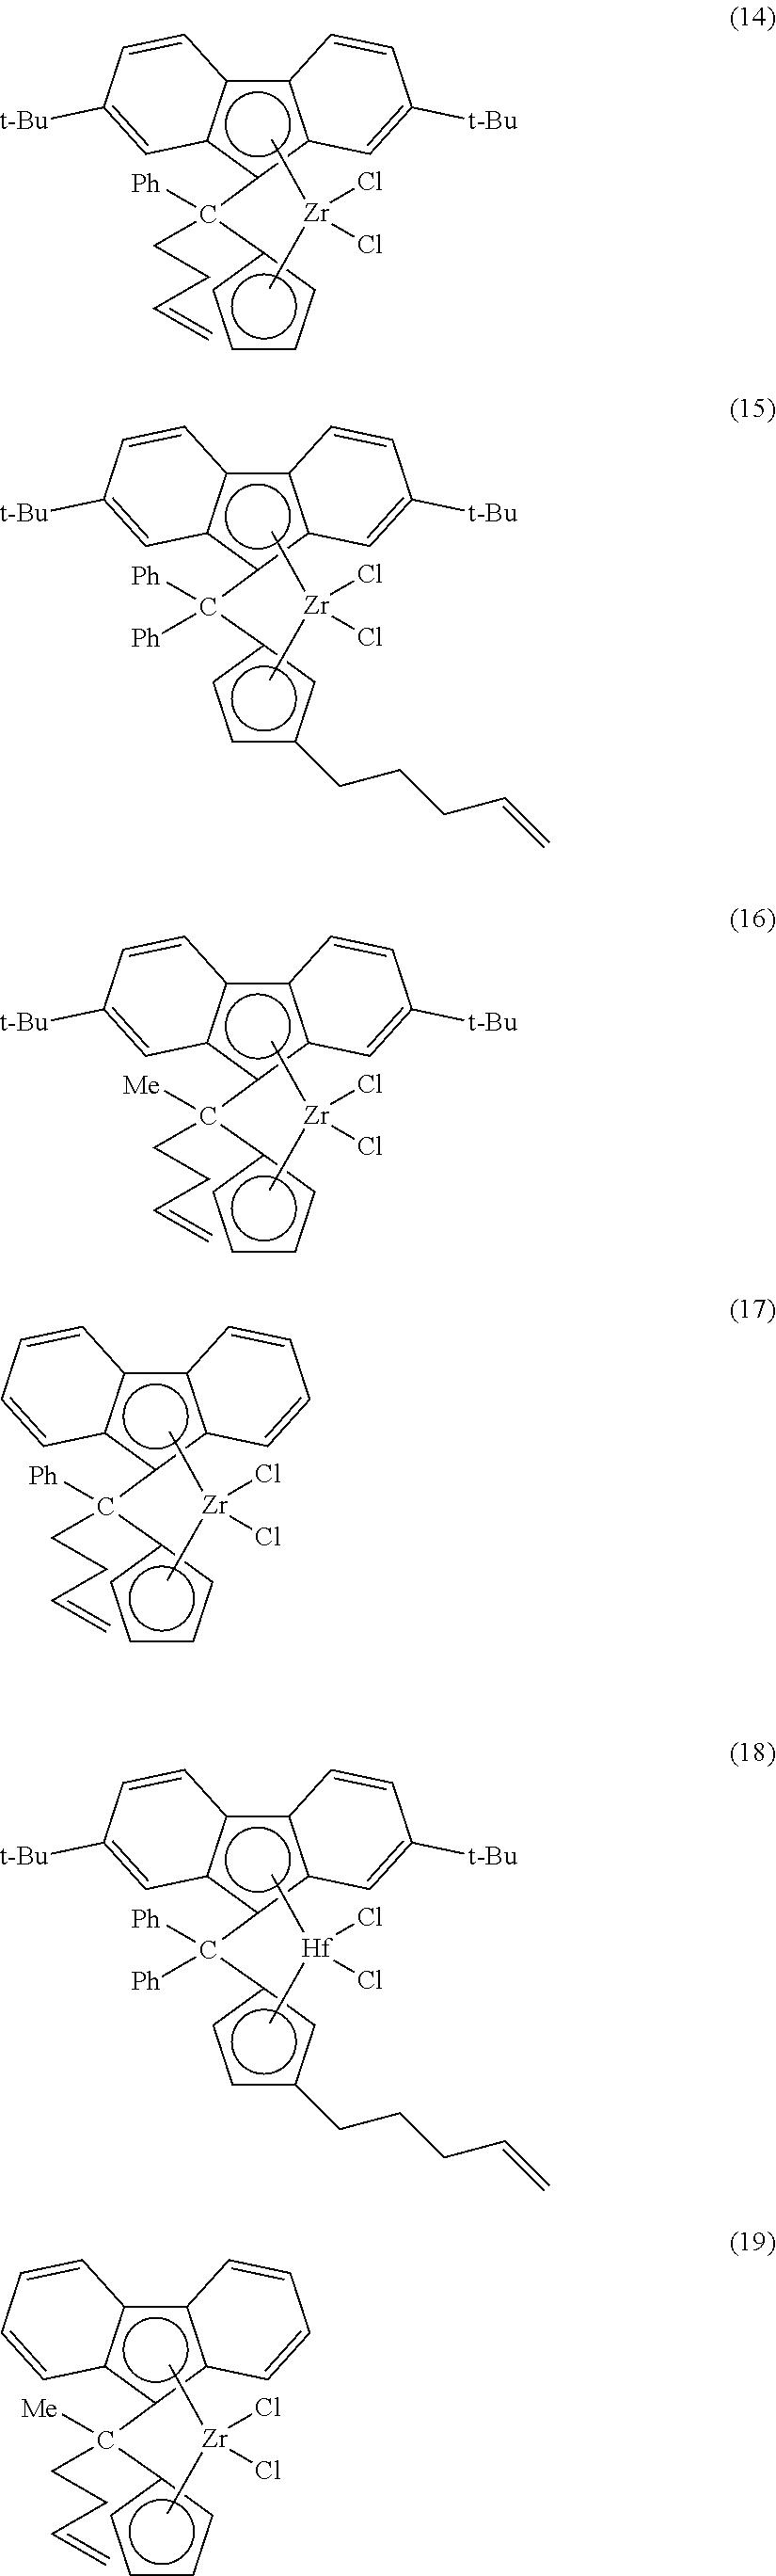 Figure US09828451-20171128-C00006